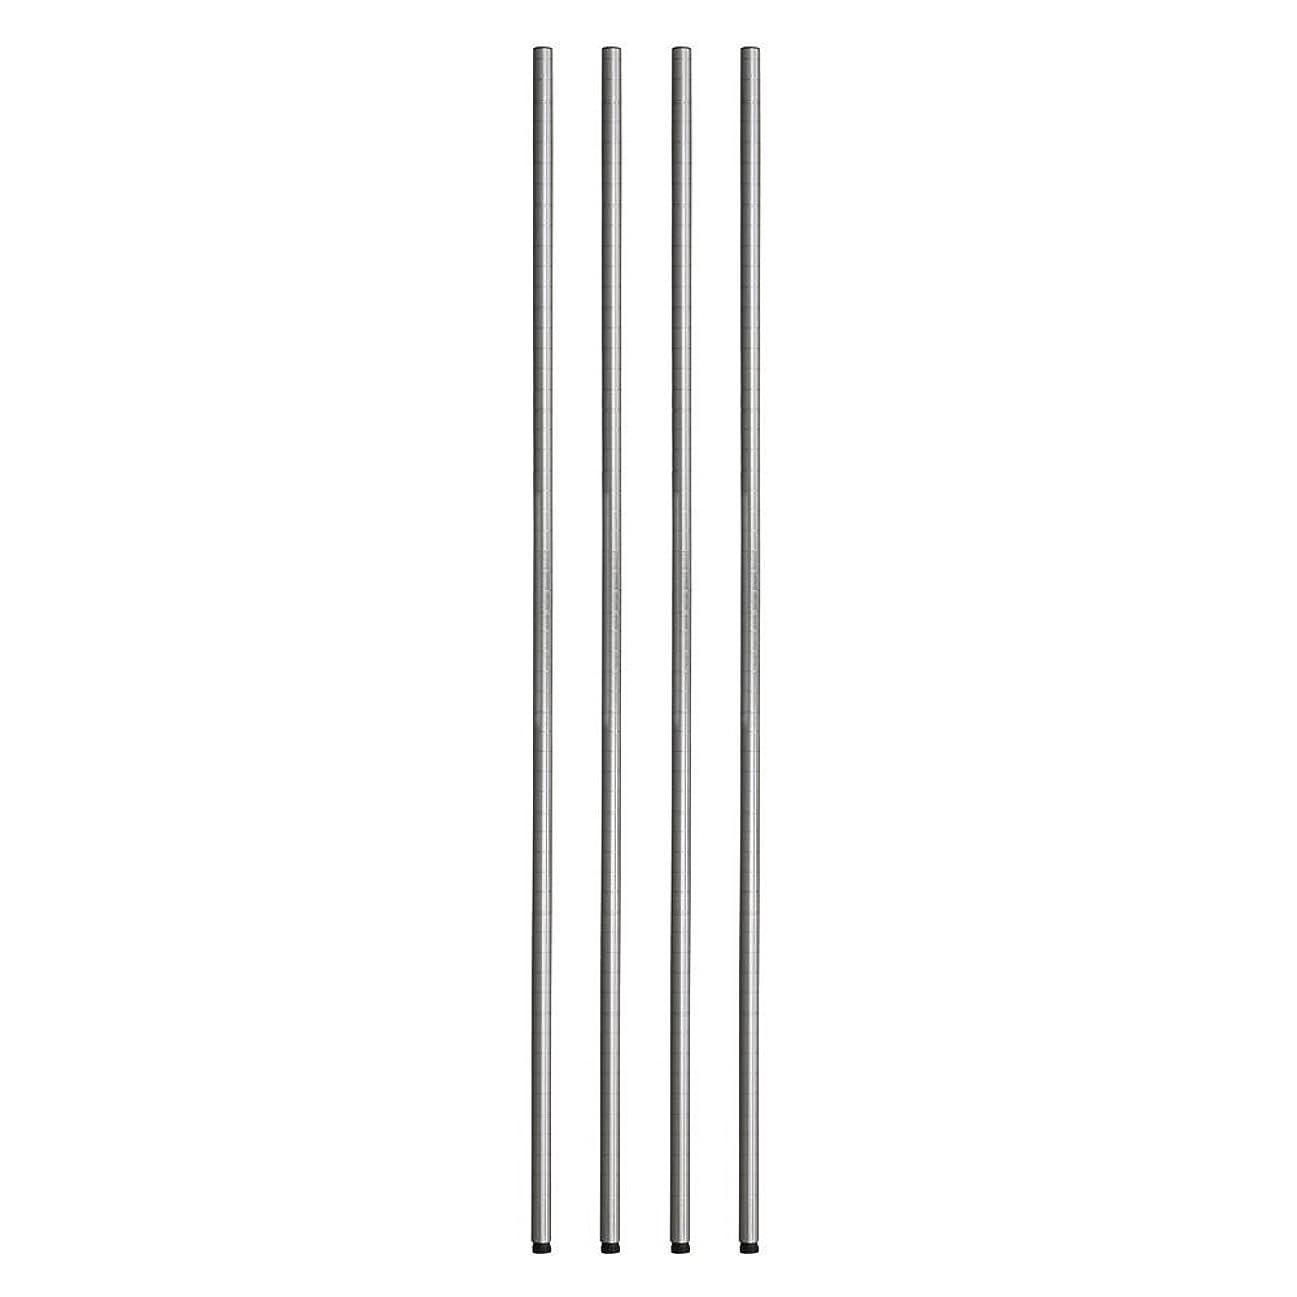 こする基礎理論フィラデルフィアルミナス ポール径25mm用パーツ ポール(支柱) ポール 152cm(4本セット) 高さ152cm 25P150*4